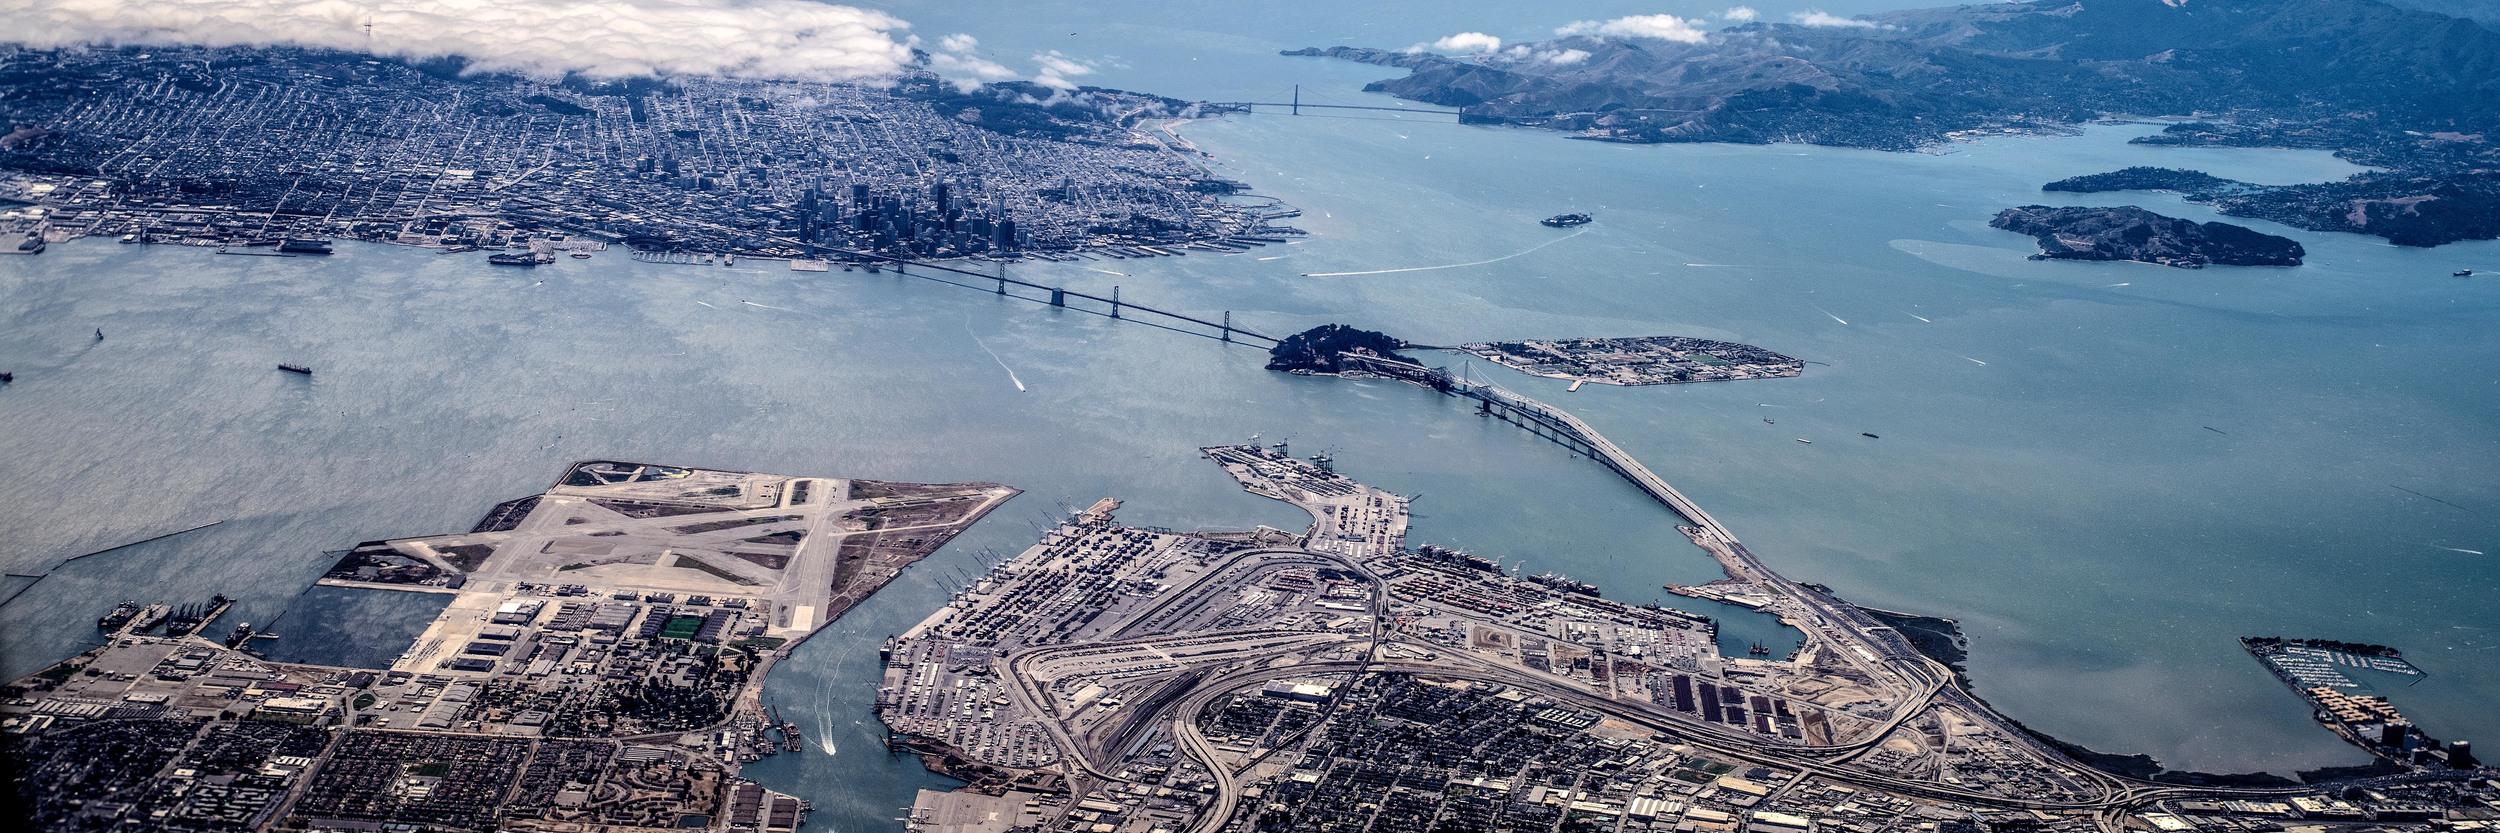 SF - San Fransisco 2014 - Pentax 645D